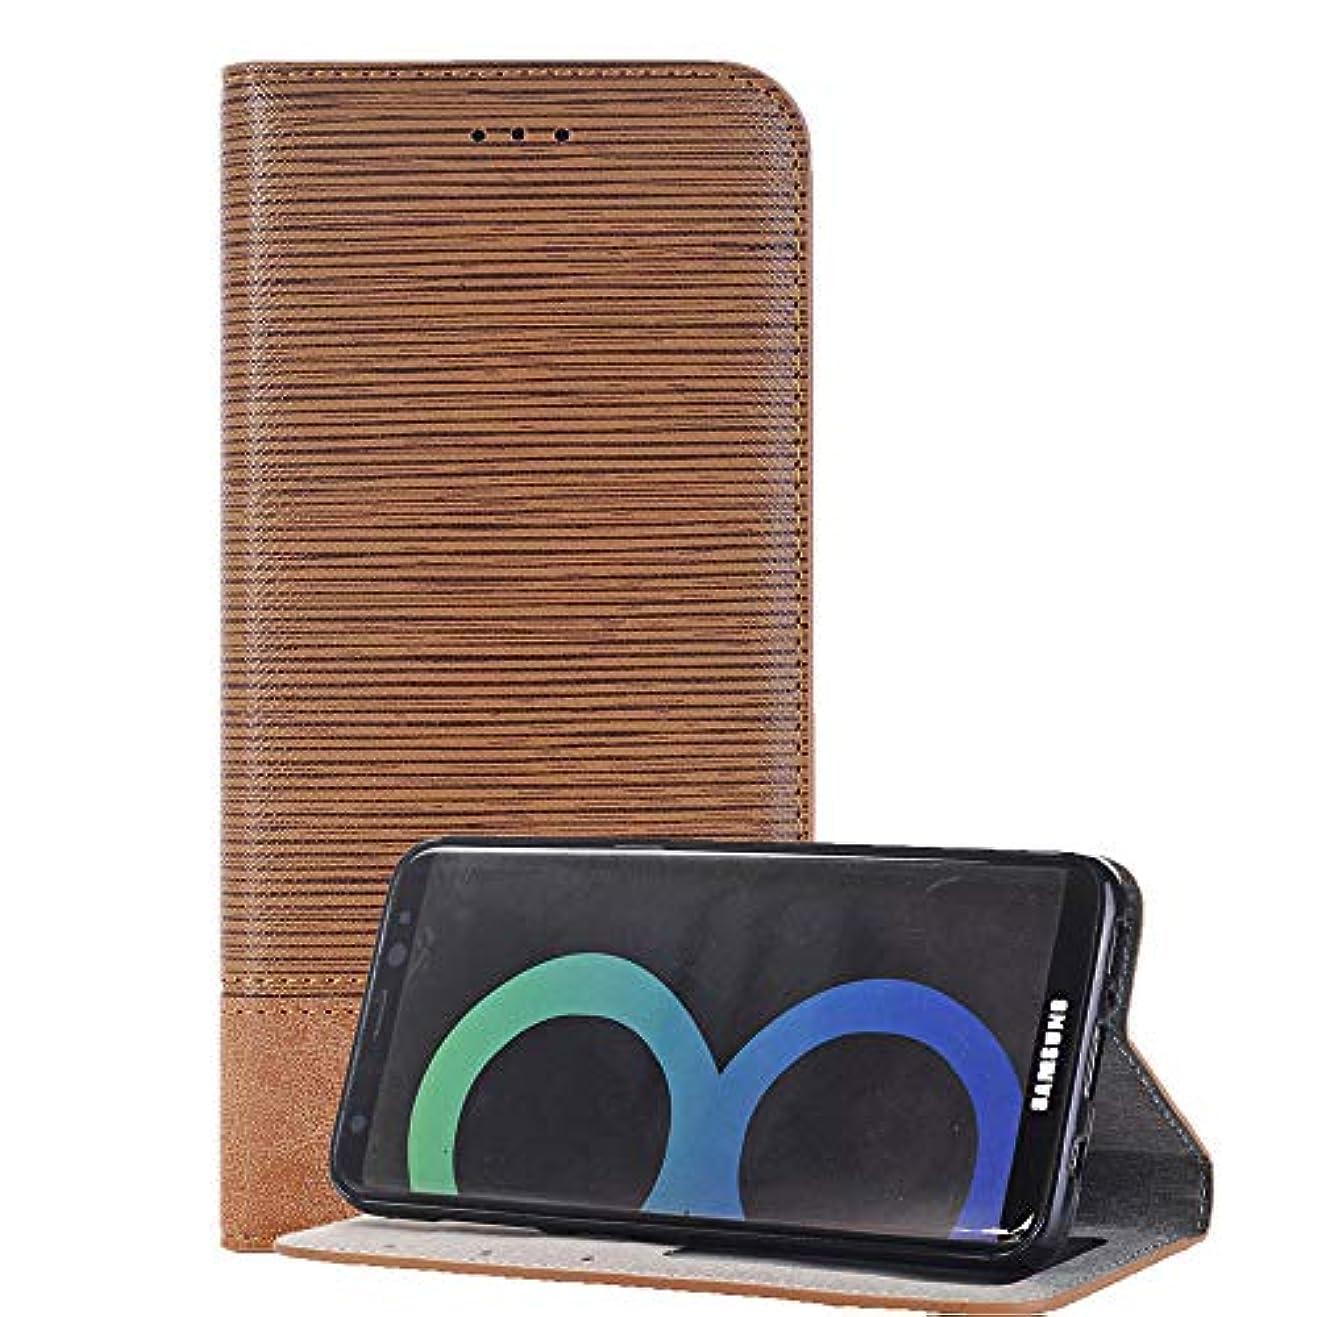 性的ベル矛盾するSamsung Galaxy S8 手帳型 ケース ギャラクシーs8 スマホケース カバー 脱着簡単 カードポケット 高品質 人気 おしゃれ カバー(ライトブラウン)